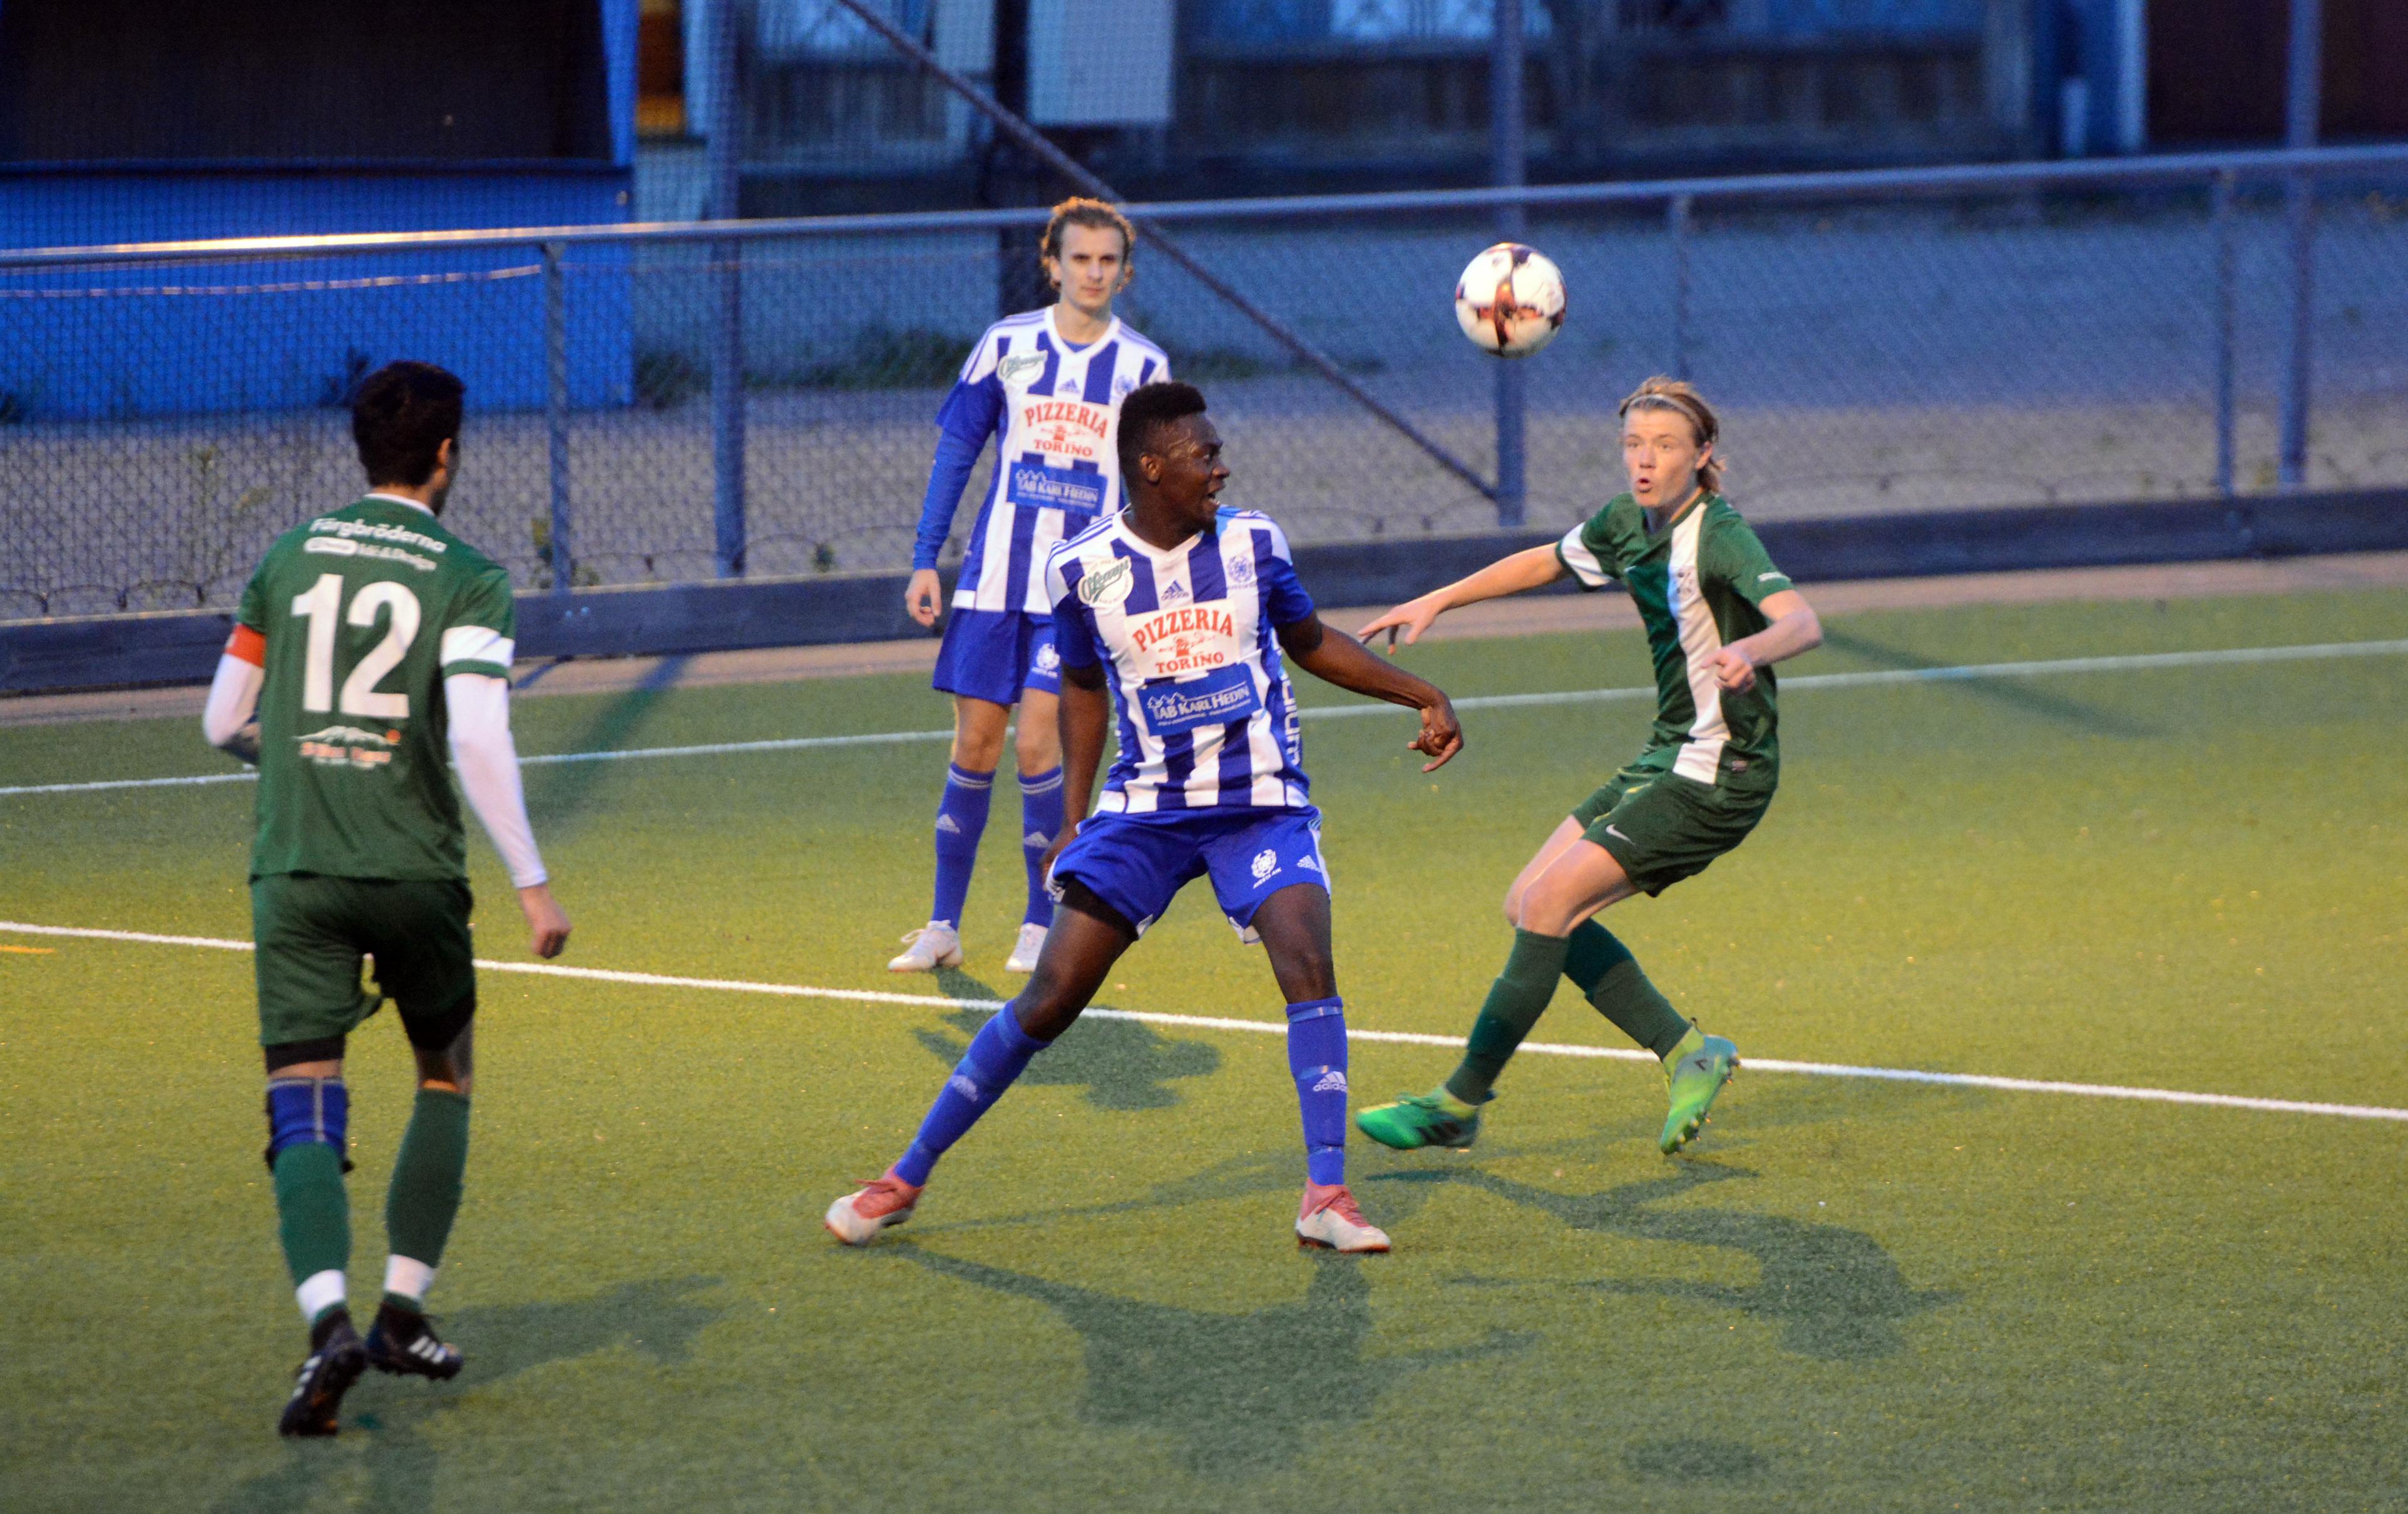 Essa Njies Avesta AIK inleder kvalet borta mot Delsbo IF på lördag. Enda hemmamatchen spelas mot målfarliga Brynäs IF den 20 oktober.